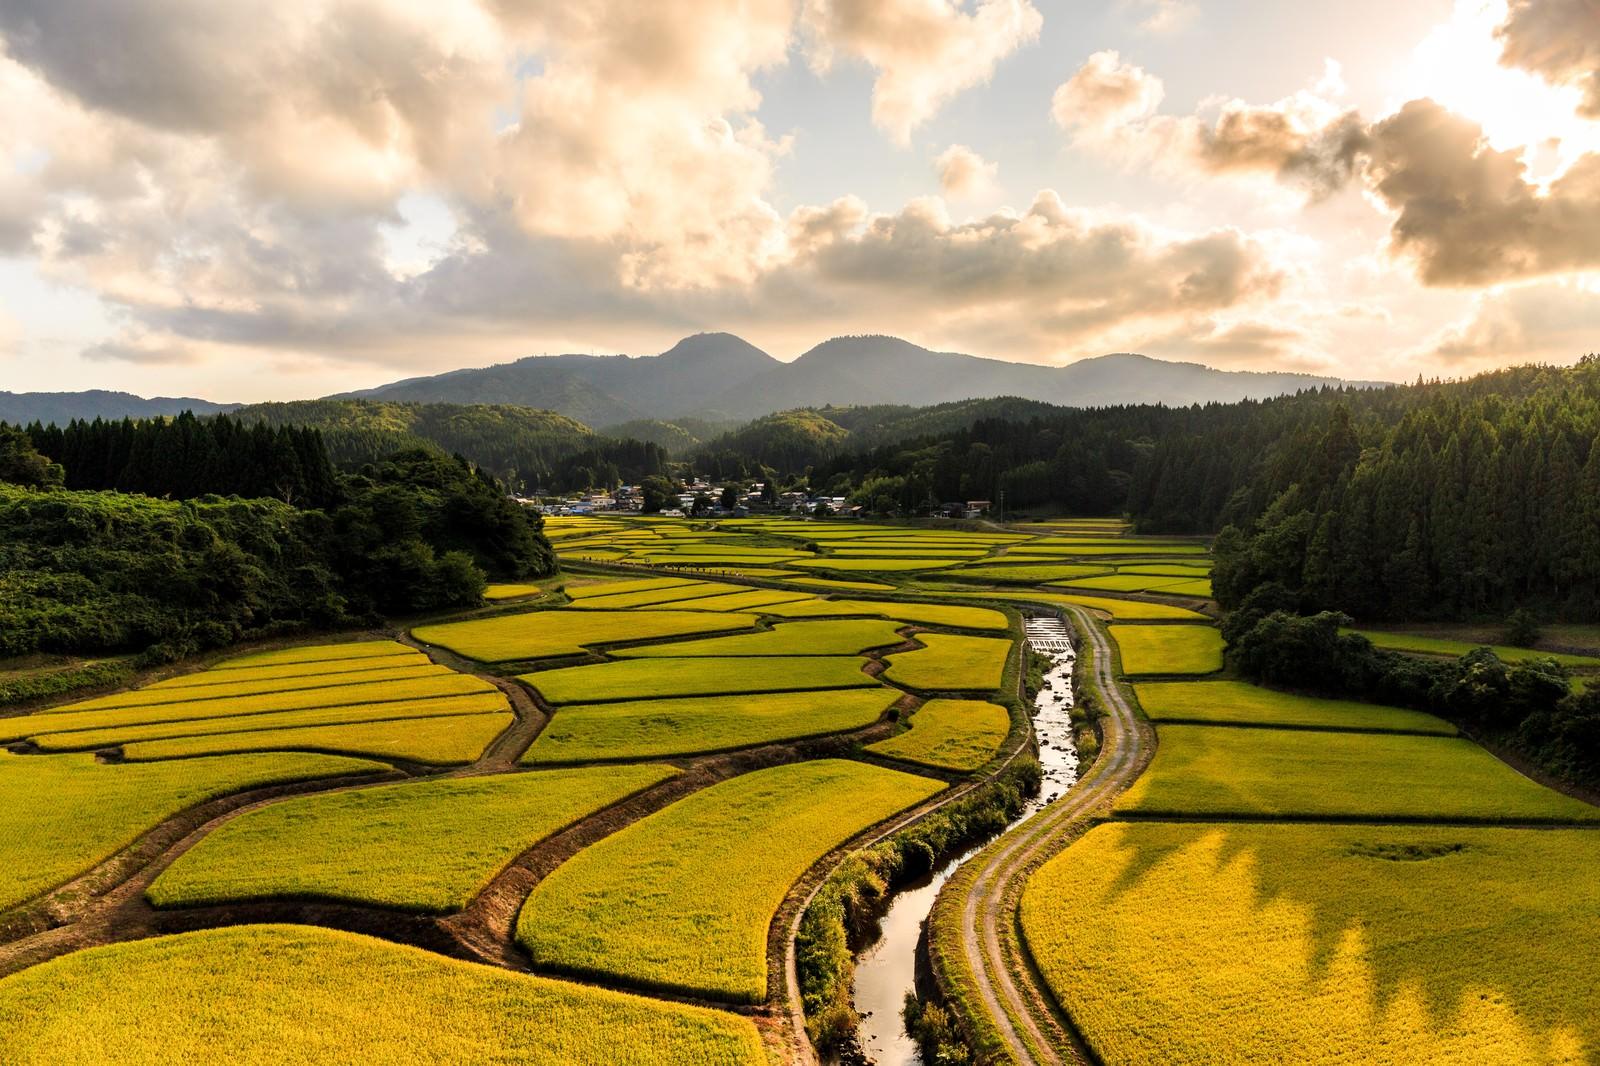 「地形に沿った田んぼがパズルのように美しい」の写真